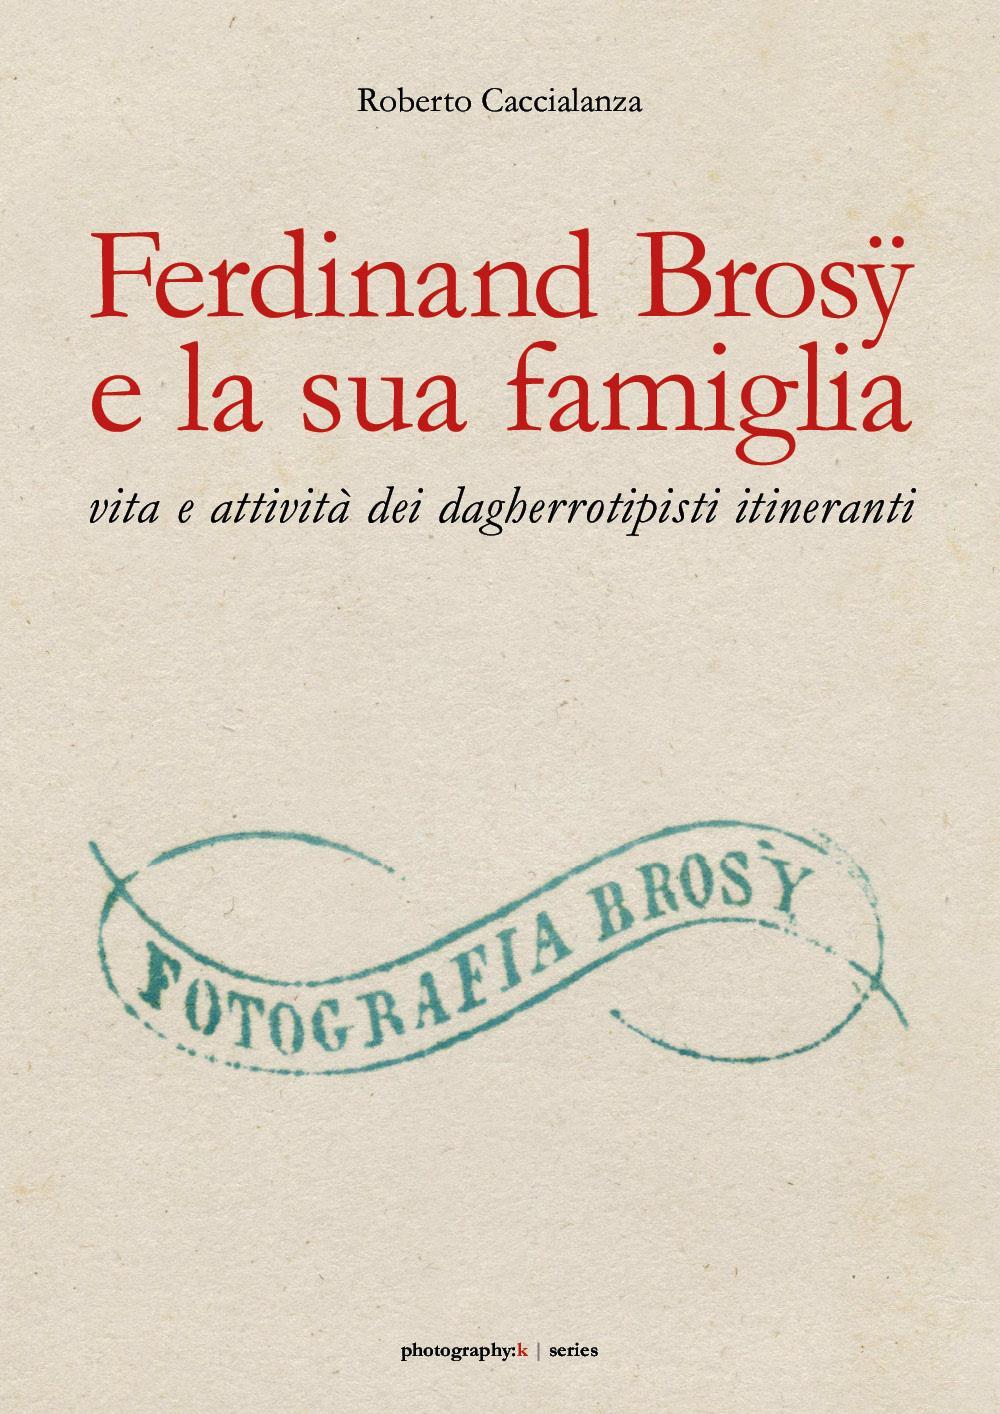 Ferdinand Brosÿ e la sua famiglia: vita e attività dei dagherrotipisti itineranti